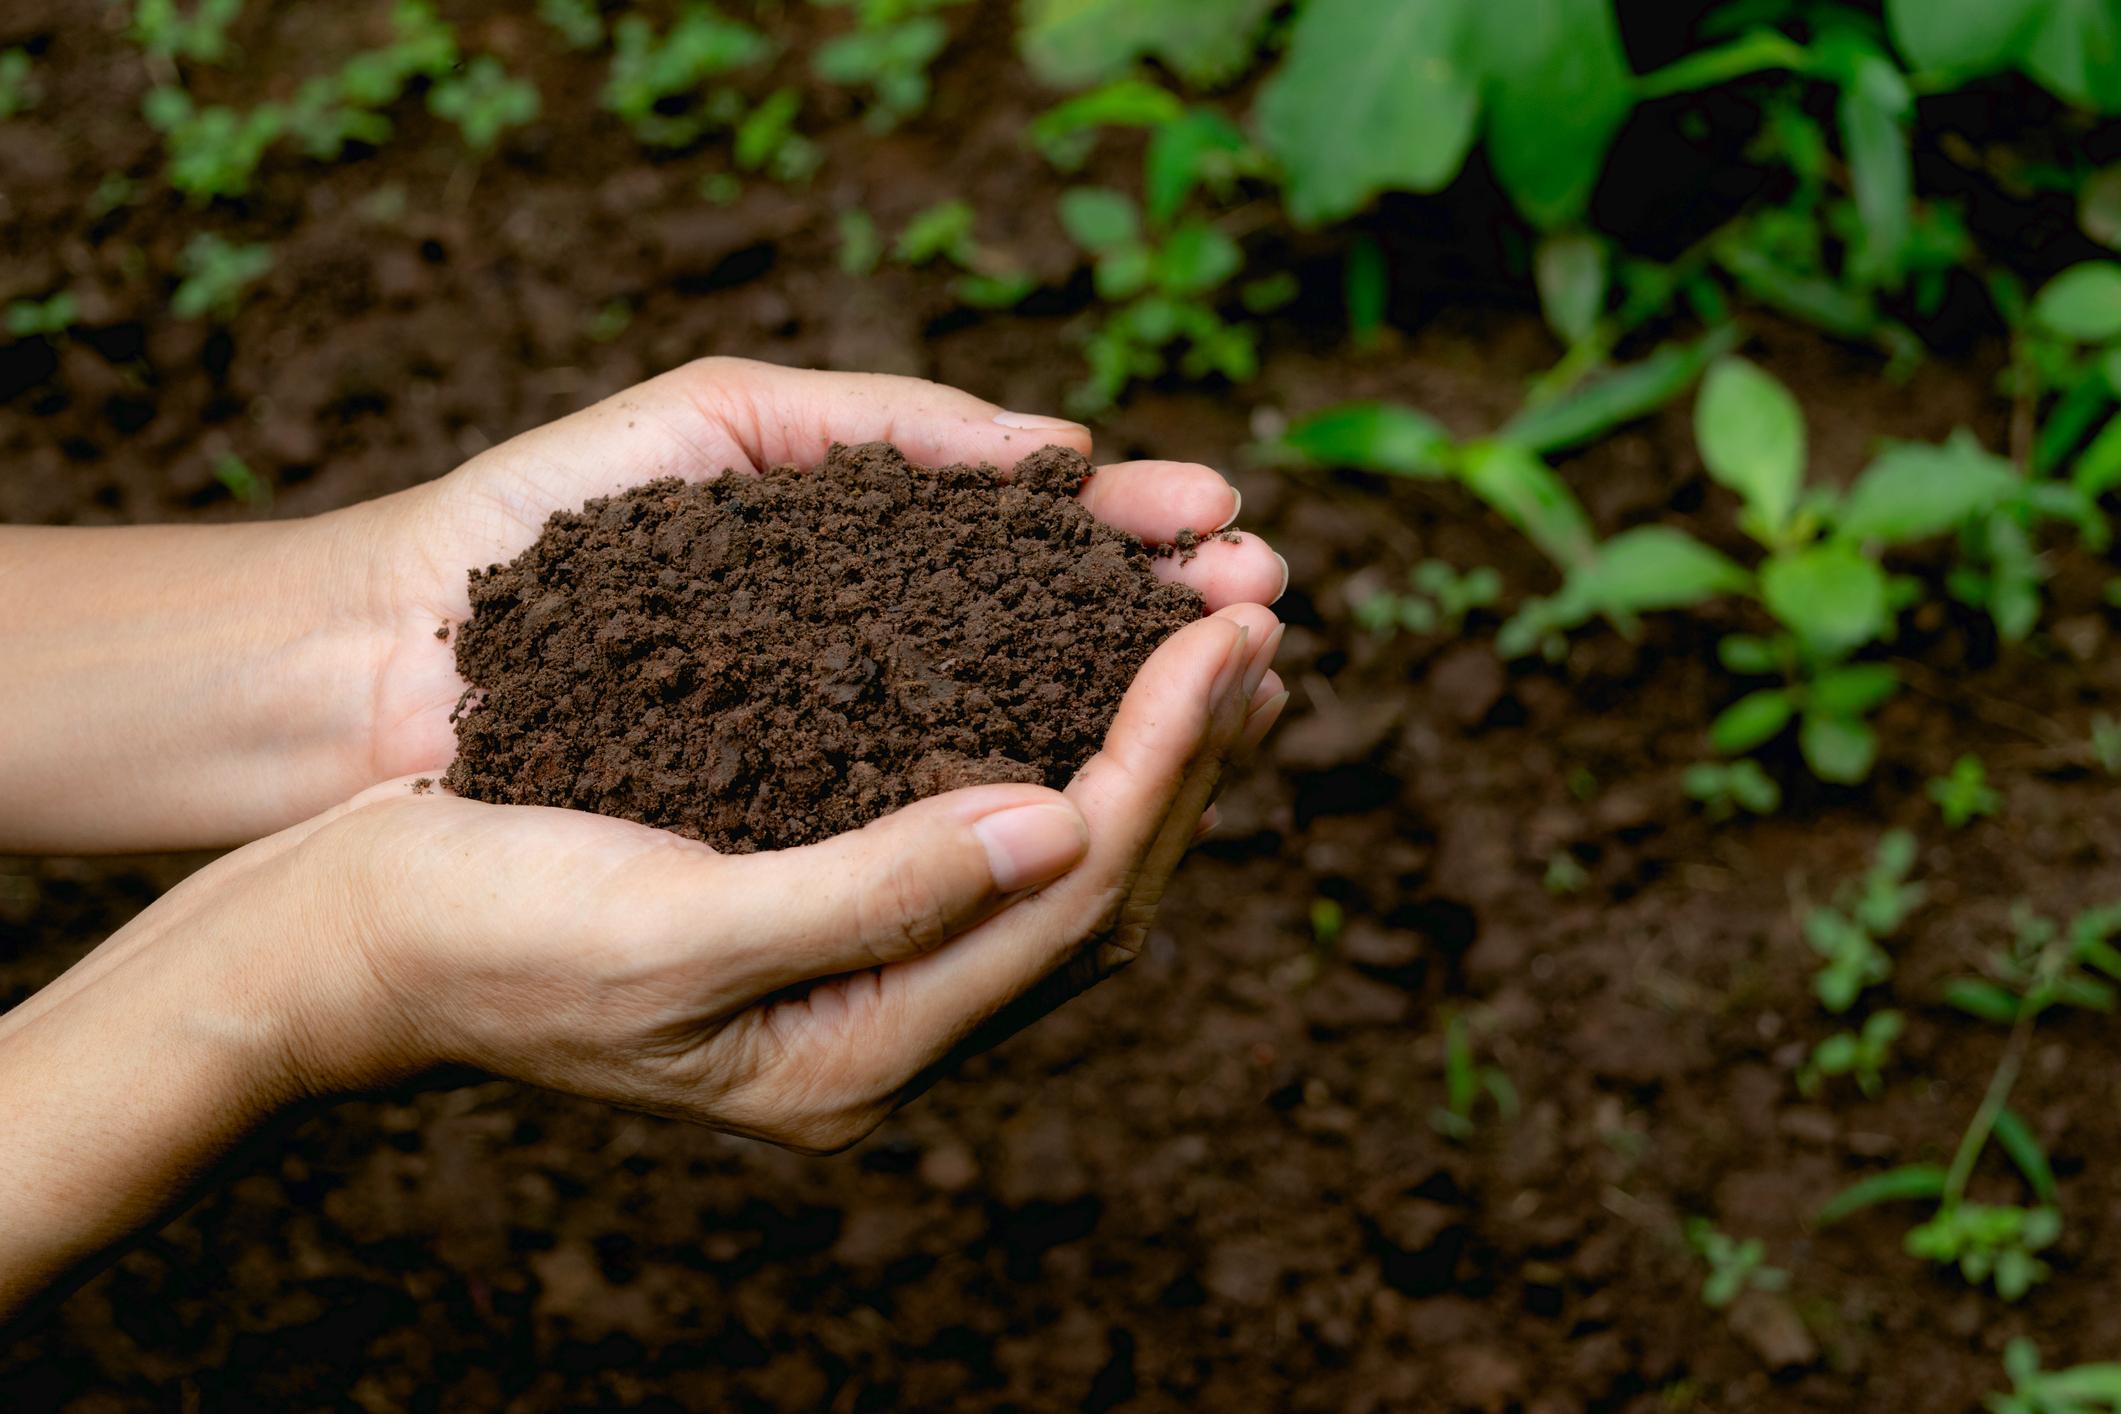 Bón phân vi sinh vào đất giống như một vị cứu tinh, giúp cung cấp các dinh dưỡng cho đất